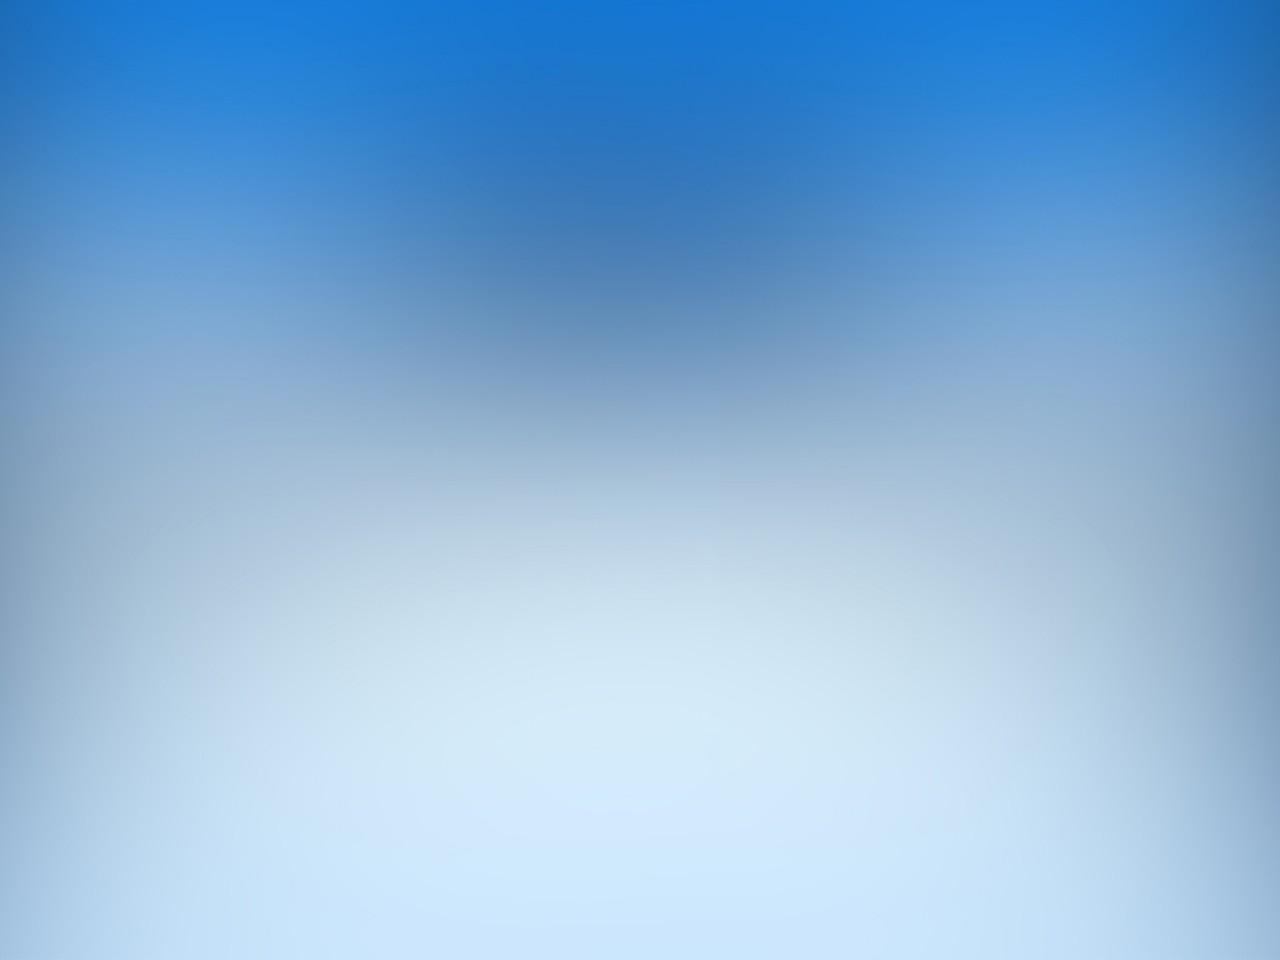 Blue mist - HD Wallpapers